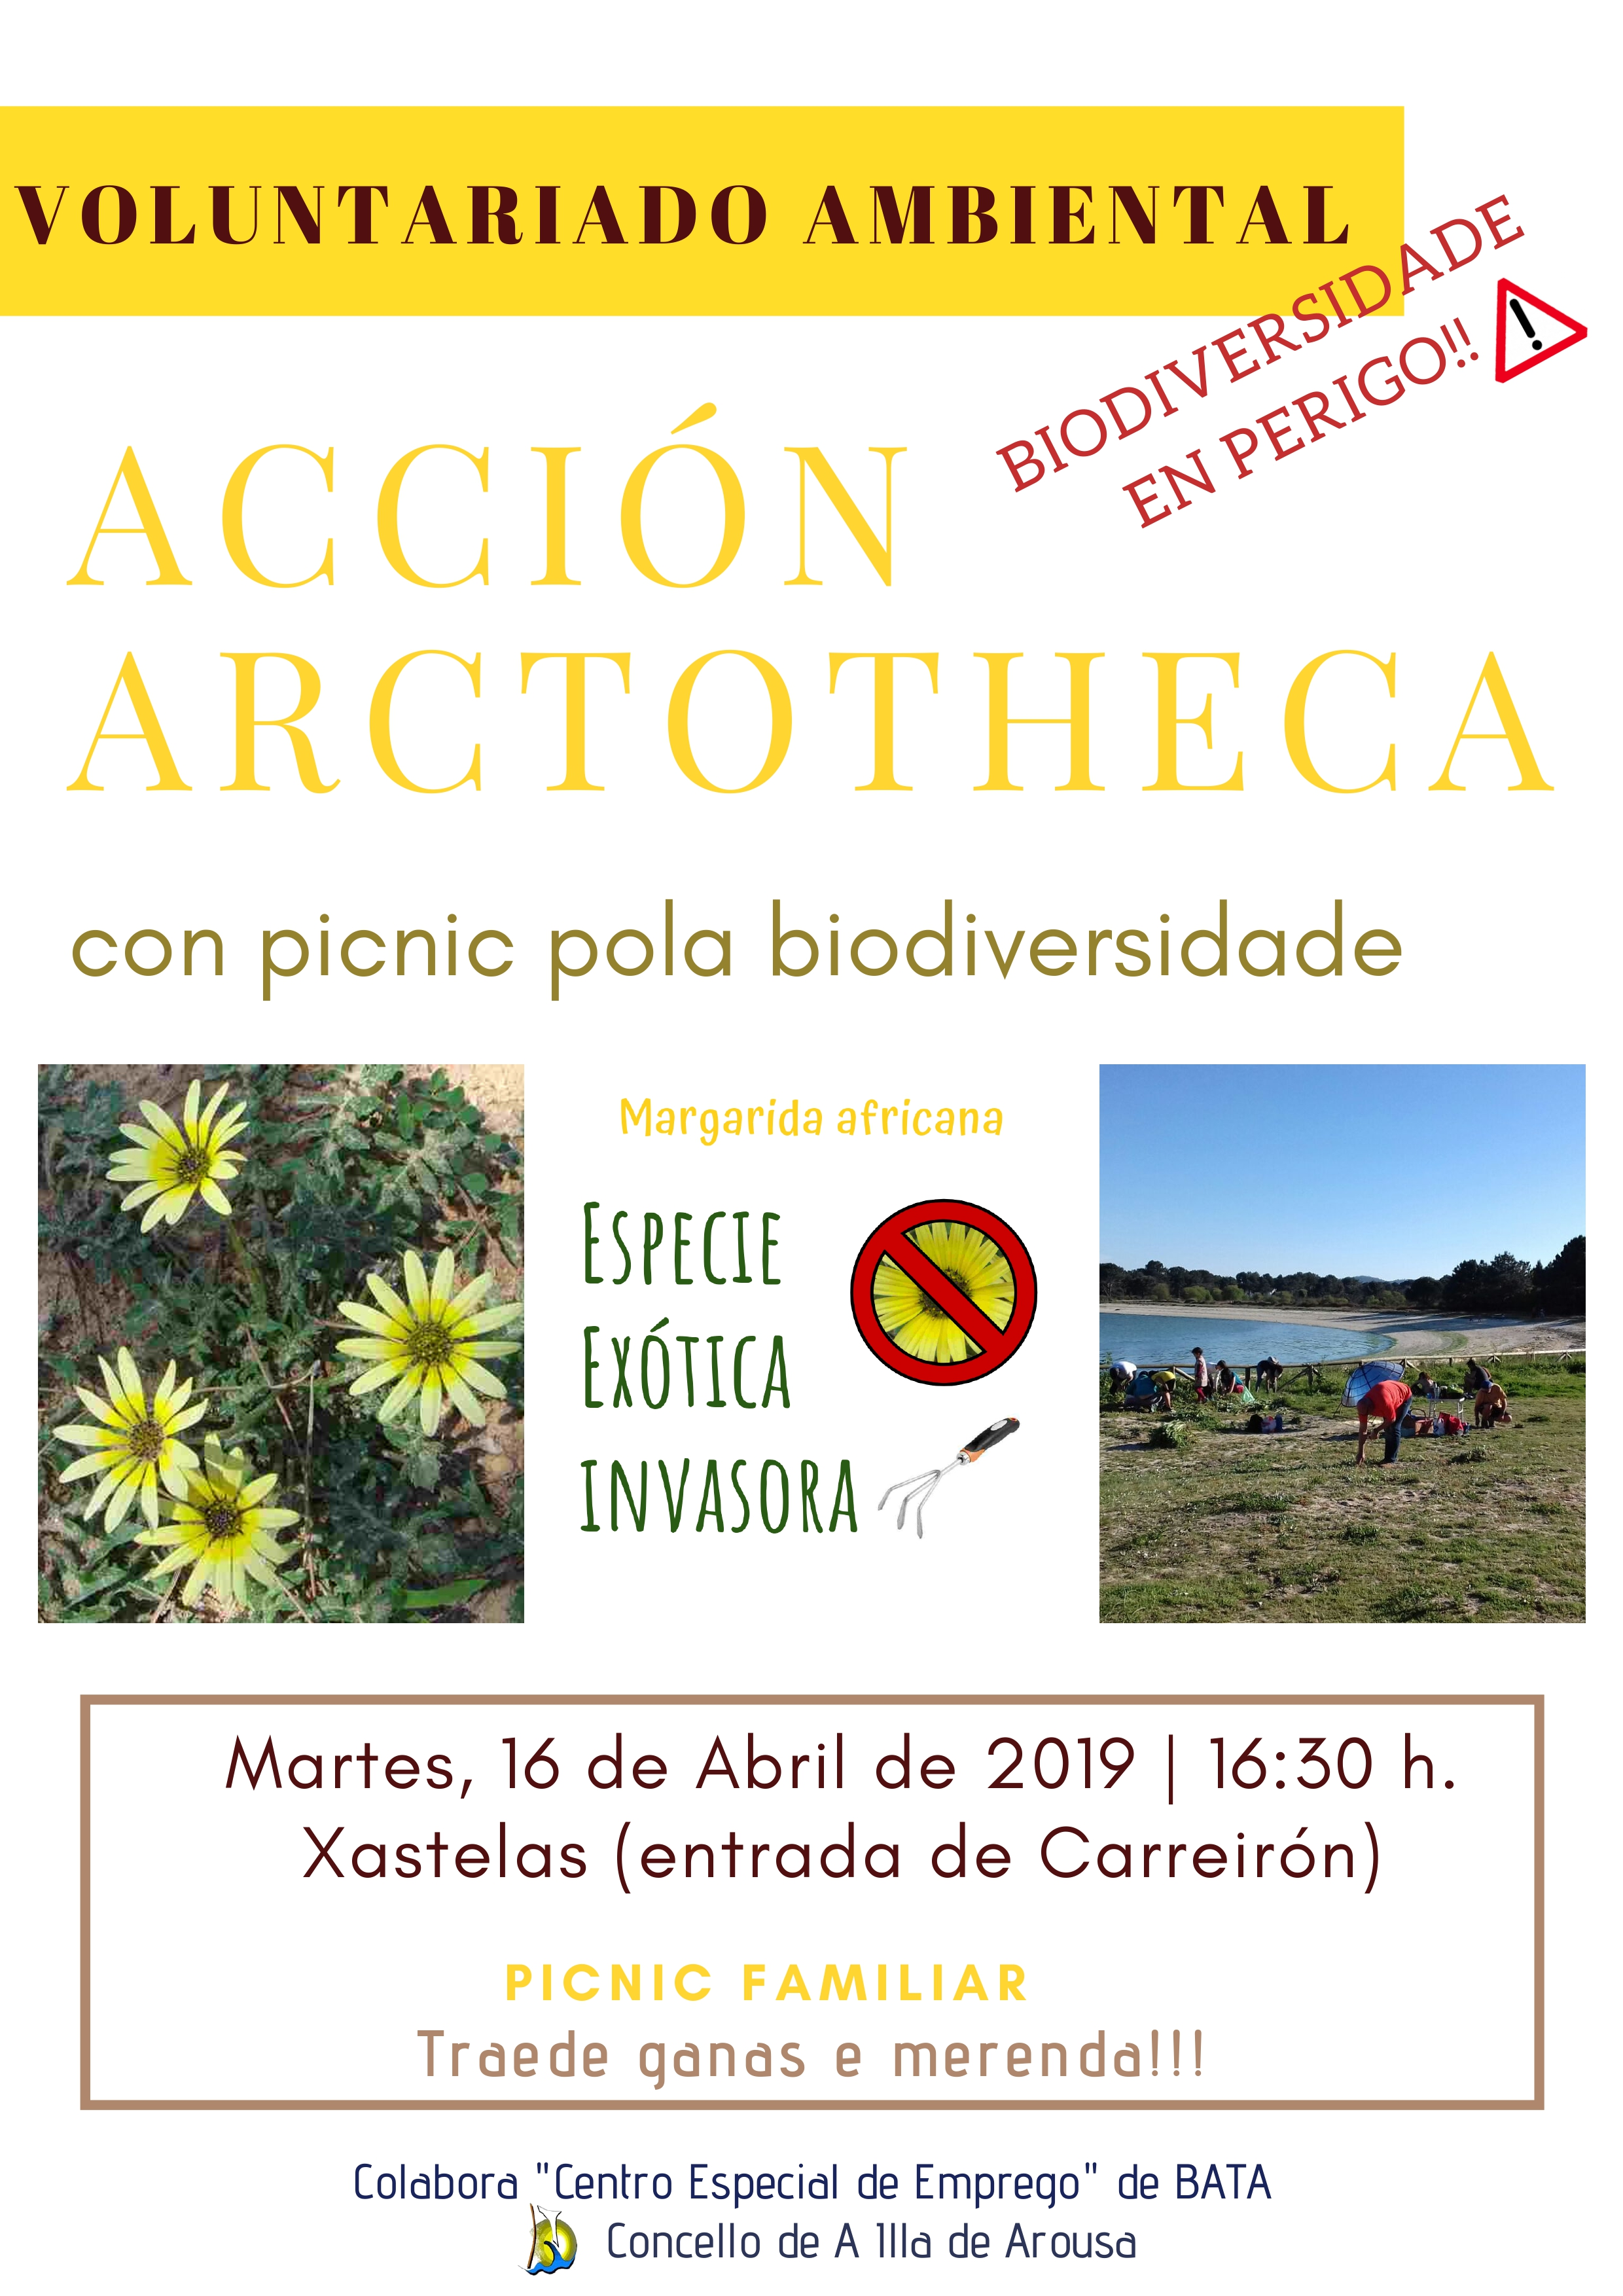 Repetimos o picnic pola biodiversidade! Acción Arctotheca